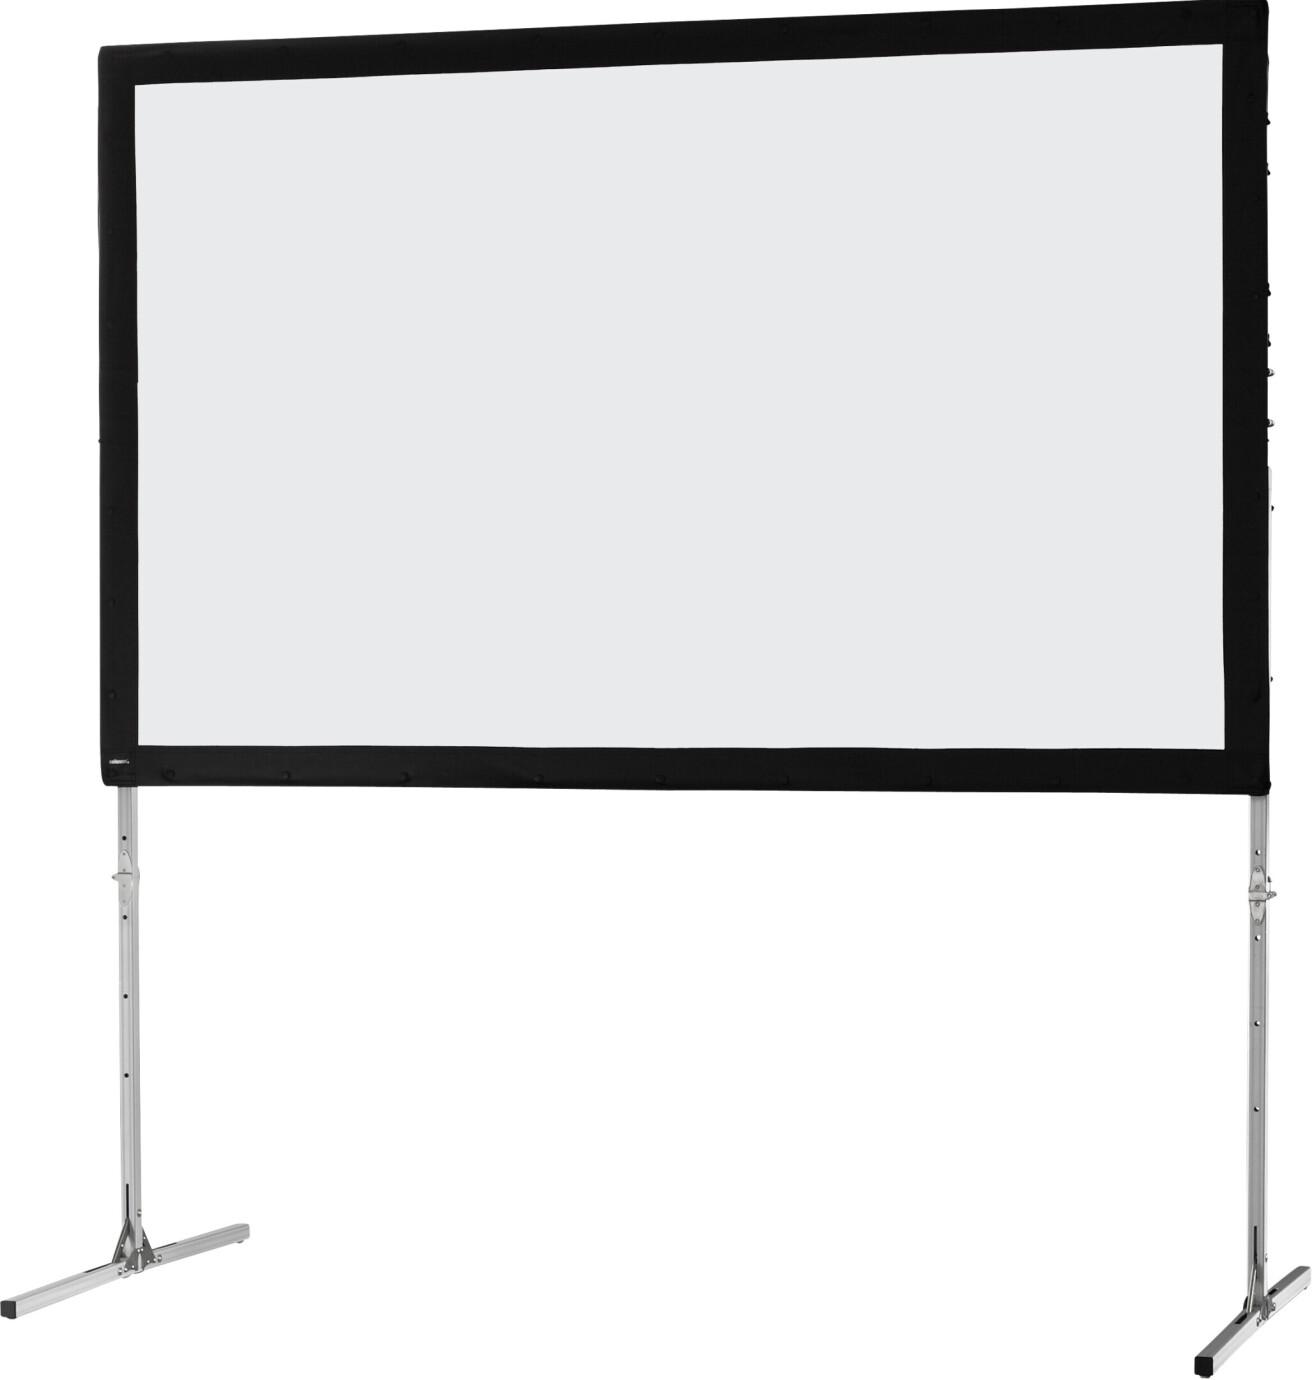 Pantalla de marco plegable Movil Expert de celexon 305 x 190, proyección frontal